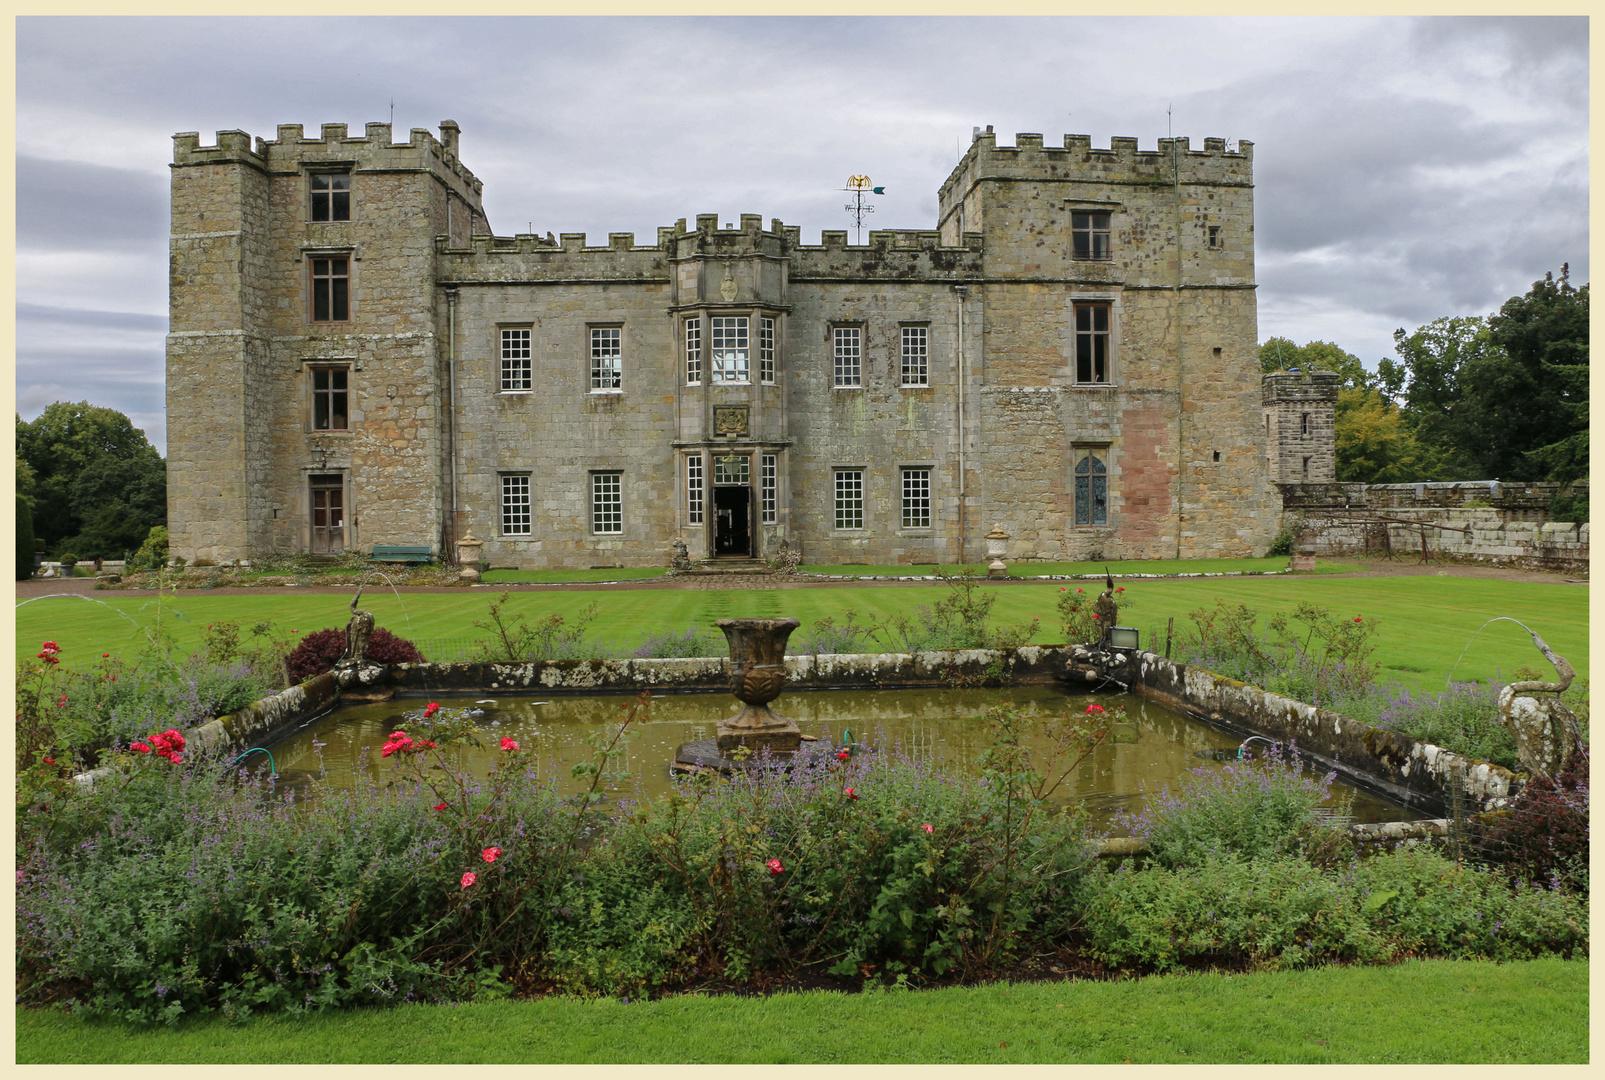 chillingham castle 1